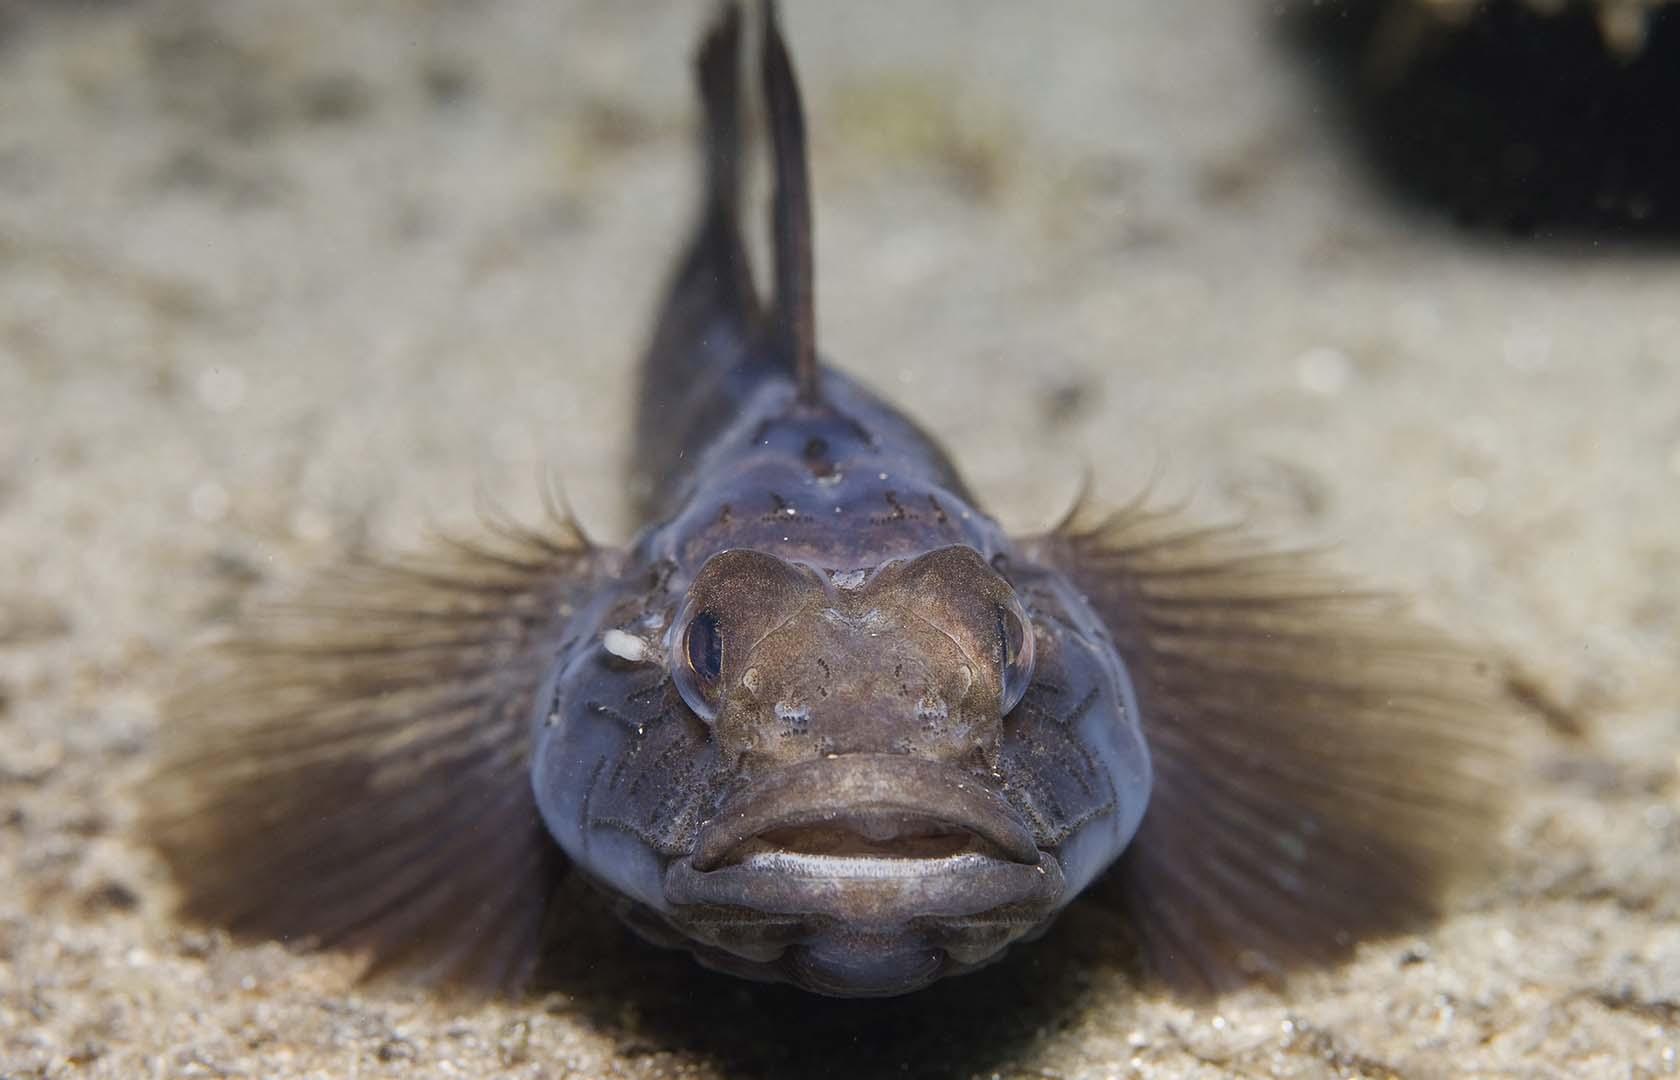 Pueden medir hasta 14 cm y pueden nadar rápidamente cuando se sienten amenazados y esconderse en cualquier grieta o agujero.